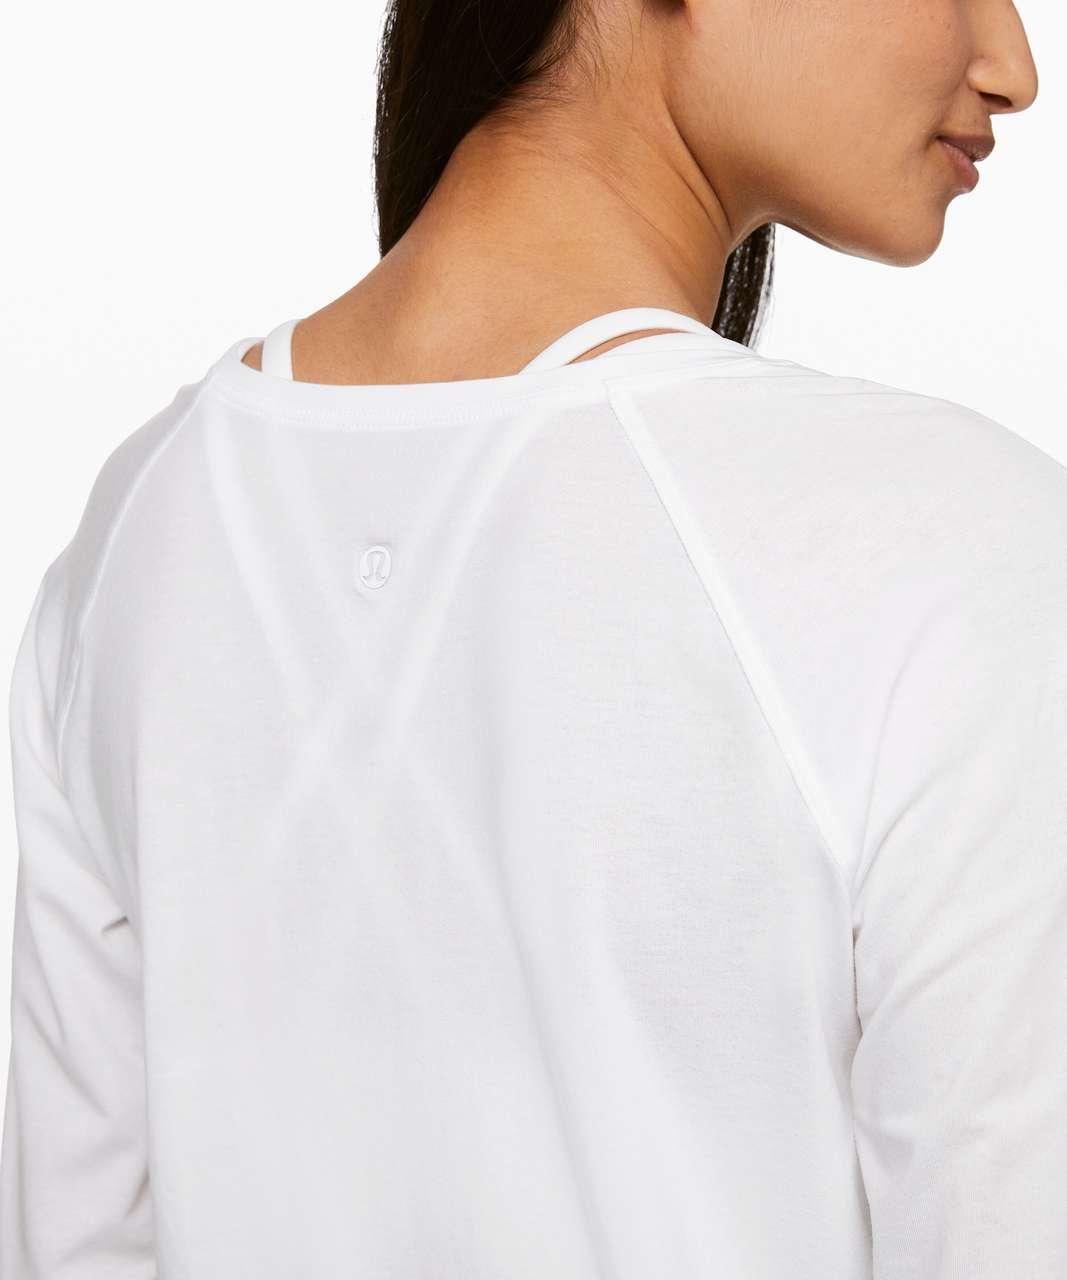 Lululemon Emerald Long Sleeve - White